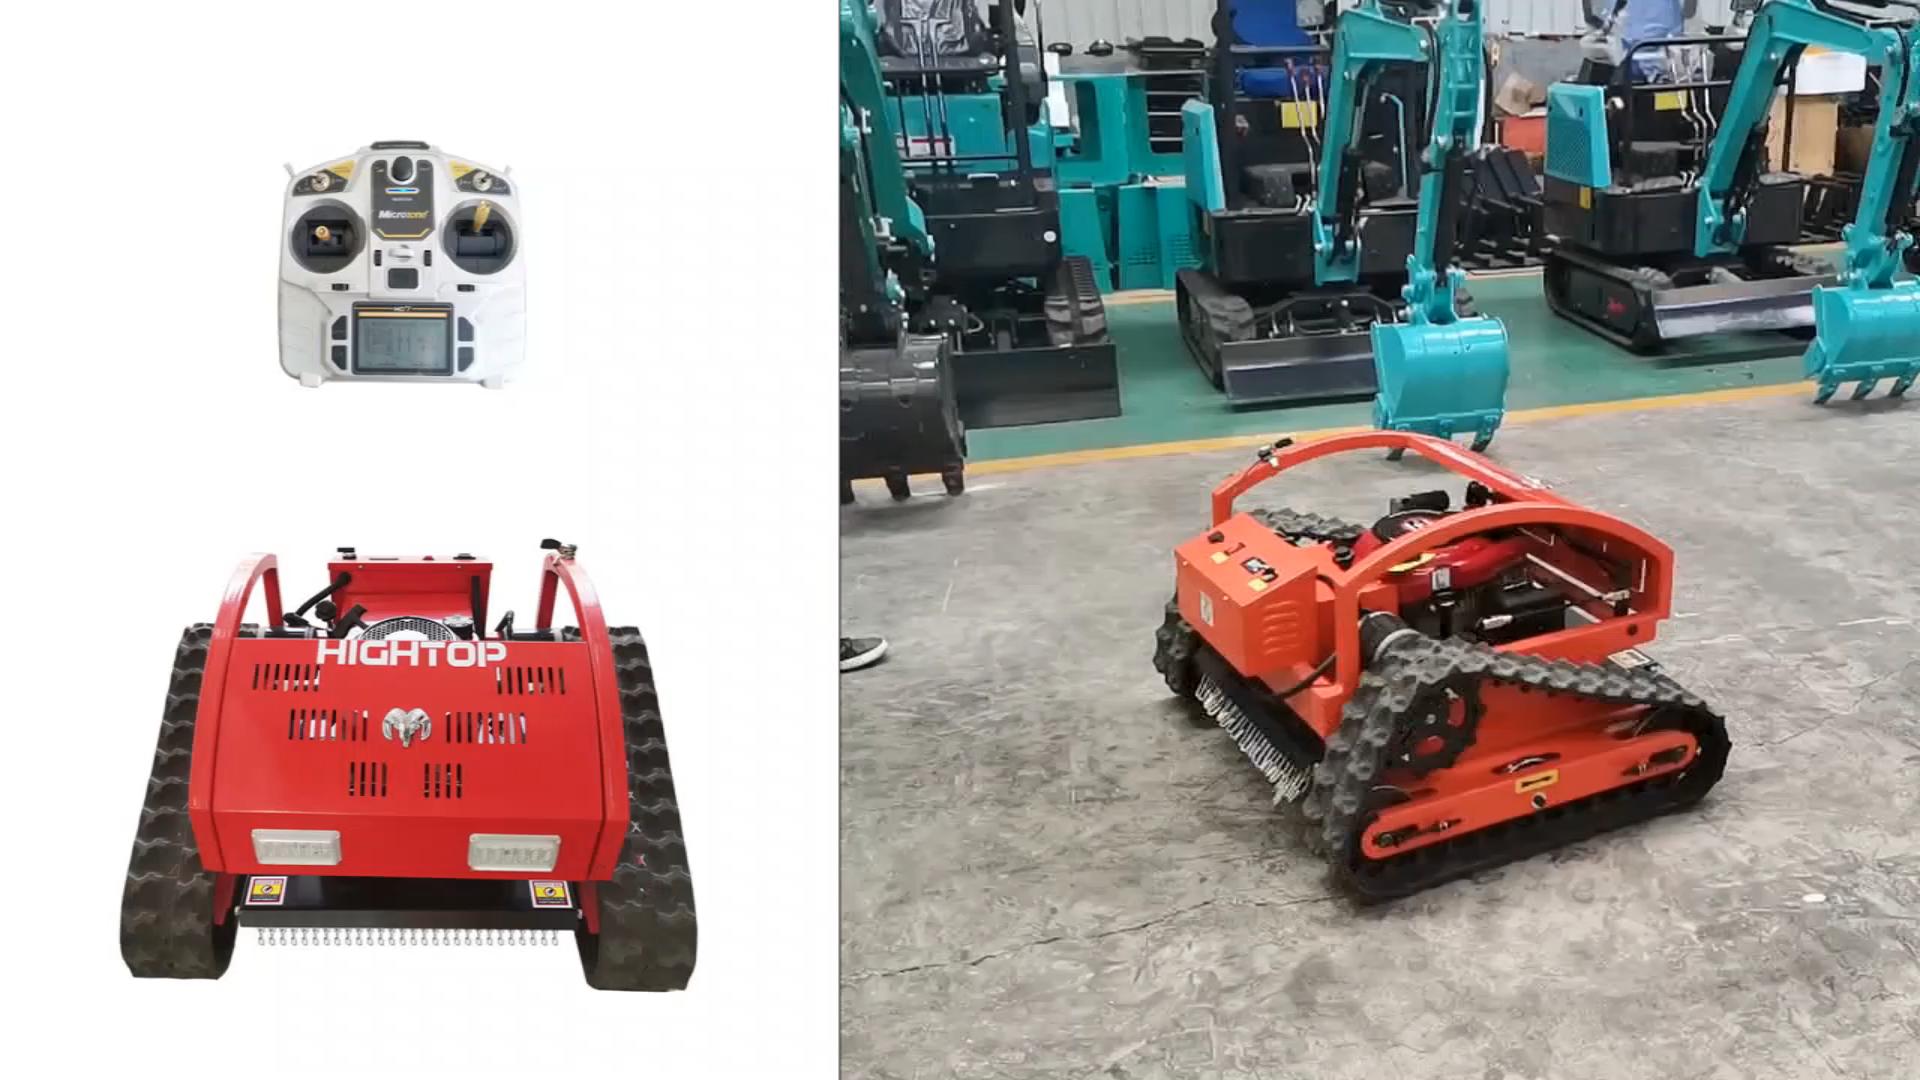 中国新しいロボット芝刈り機ファームガソリンリモートコントロールミニ芝刈り機販売